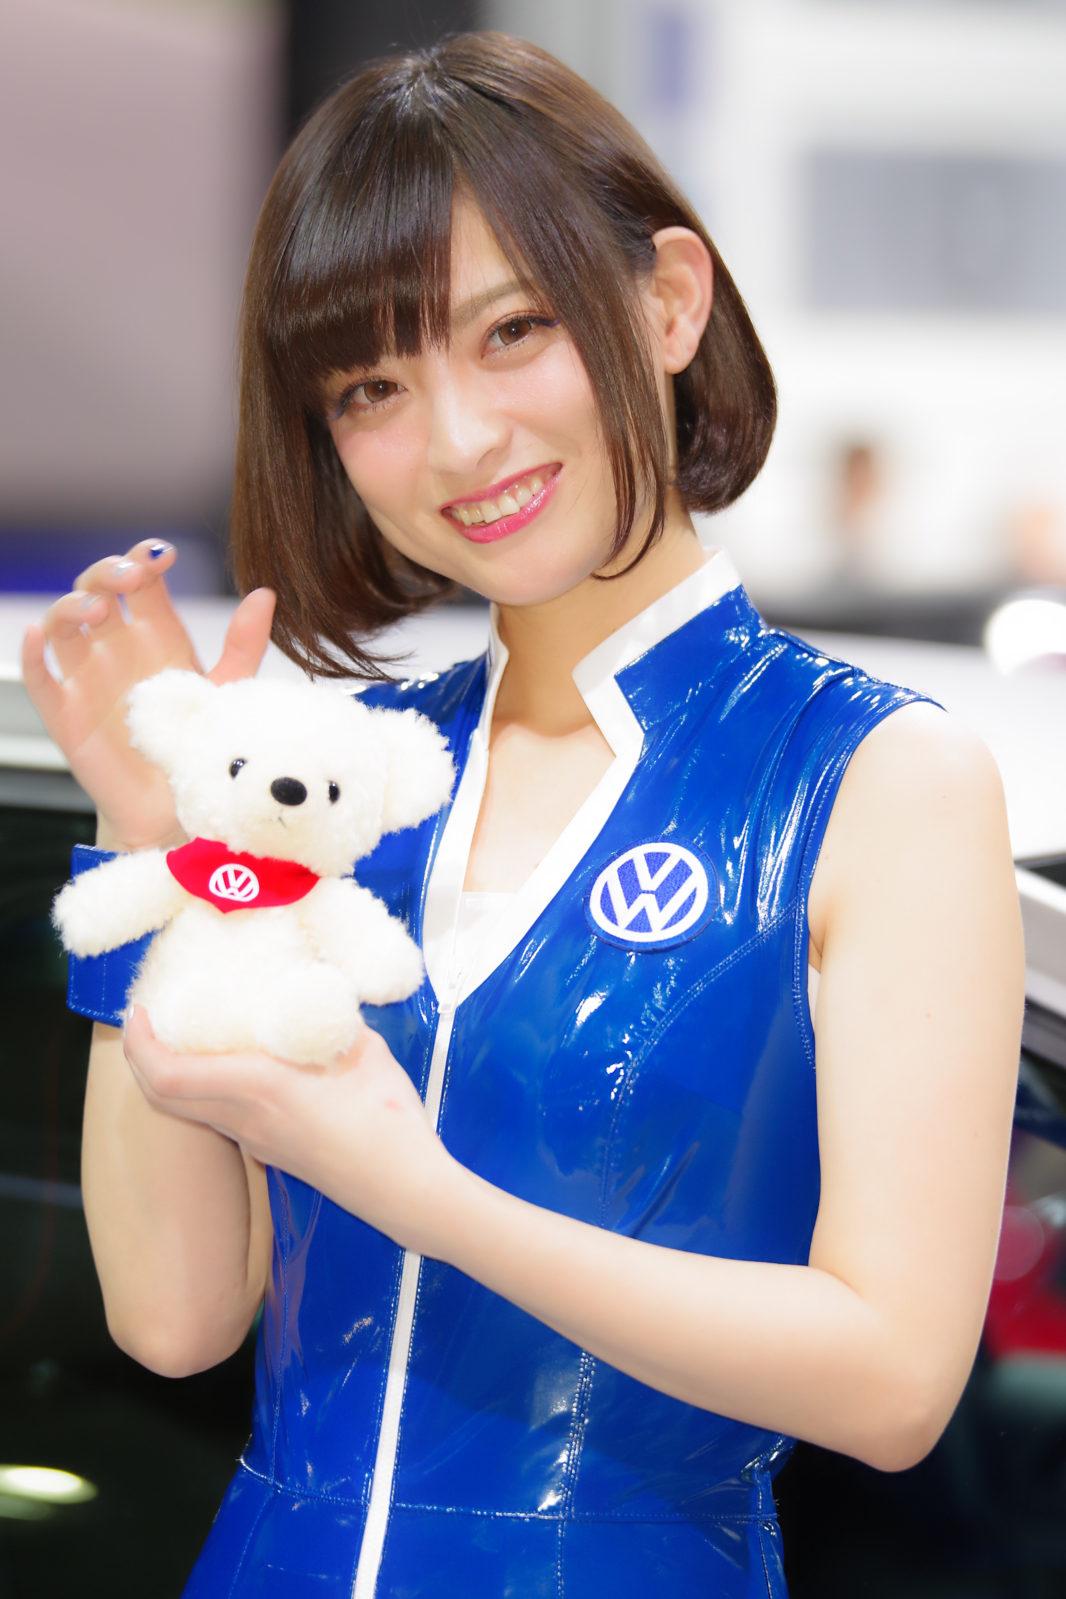 VWブースのお姉さん | PENTAX K-1&D FA★70-200mm&AF540FGZ